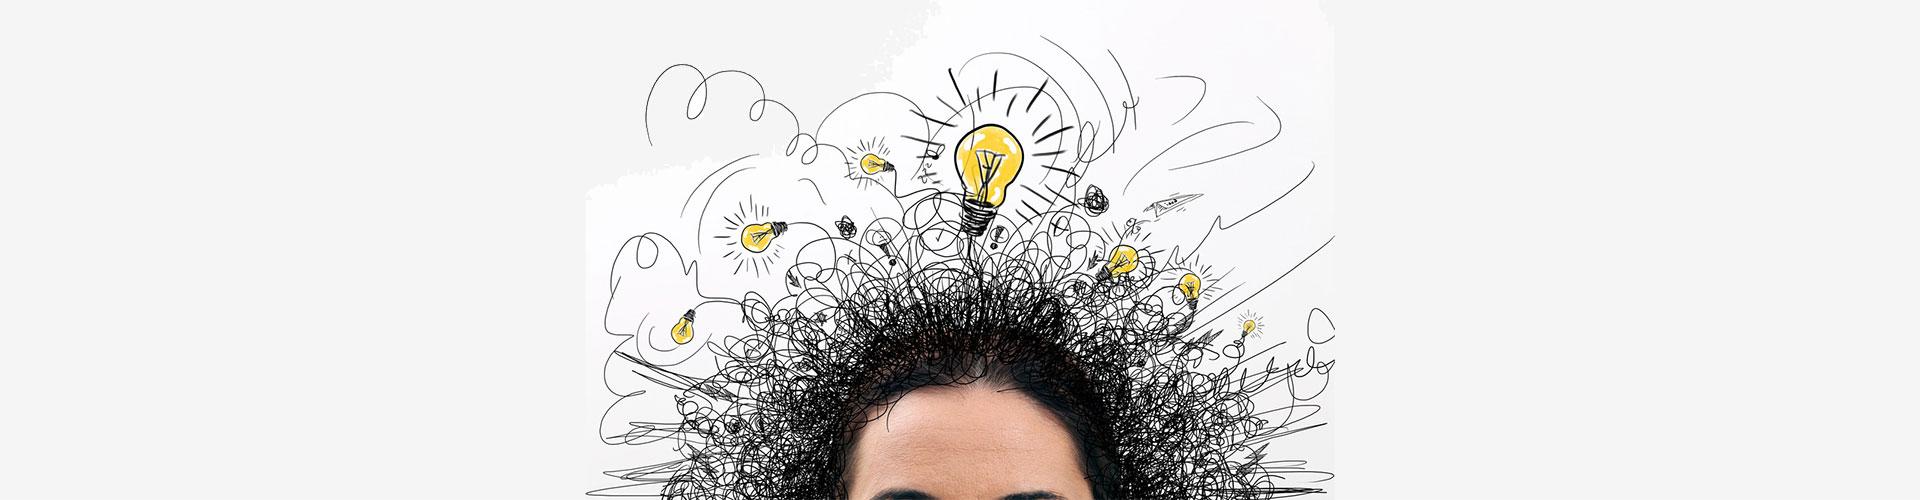 dicas-criatividade-inspiracao